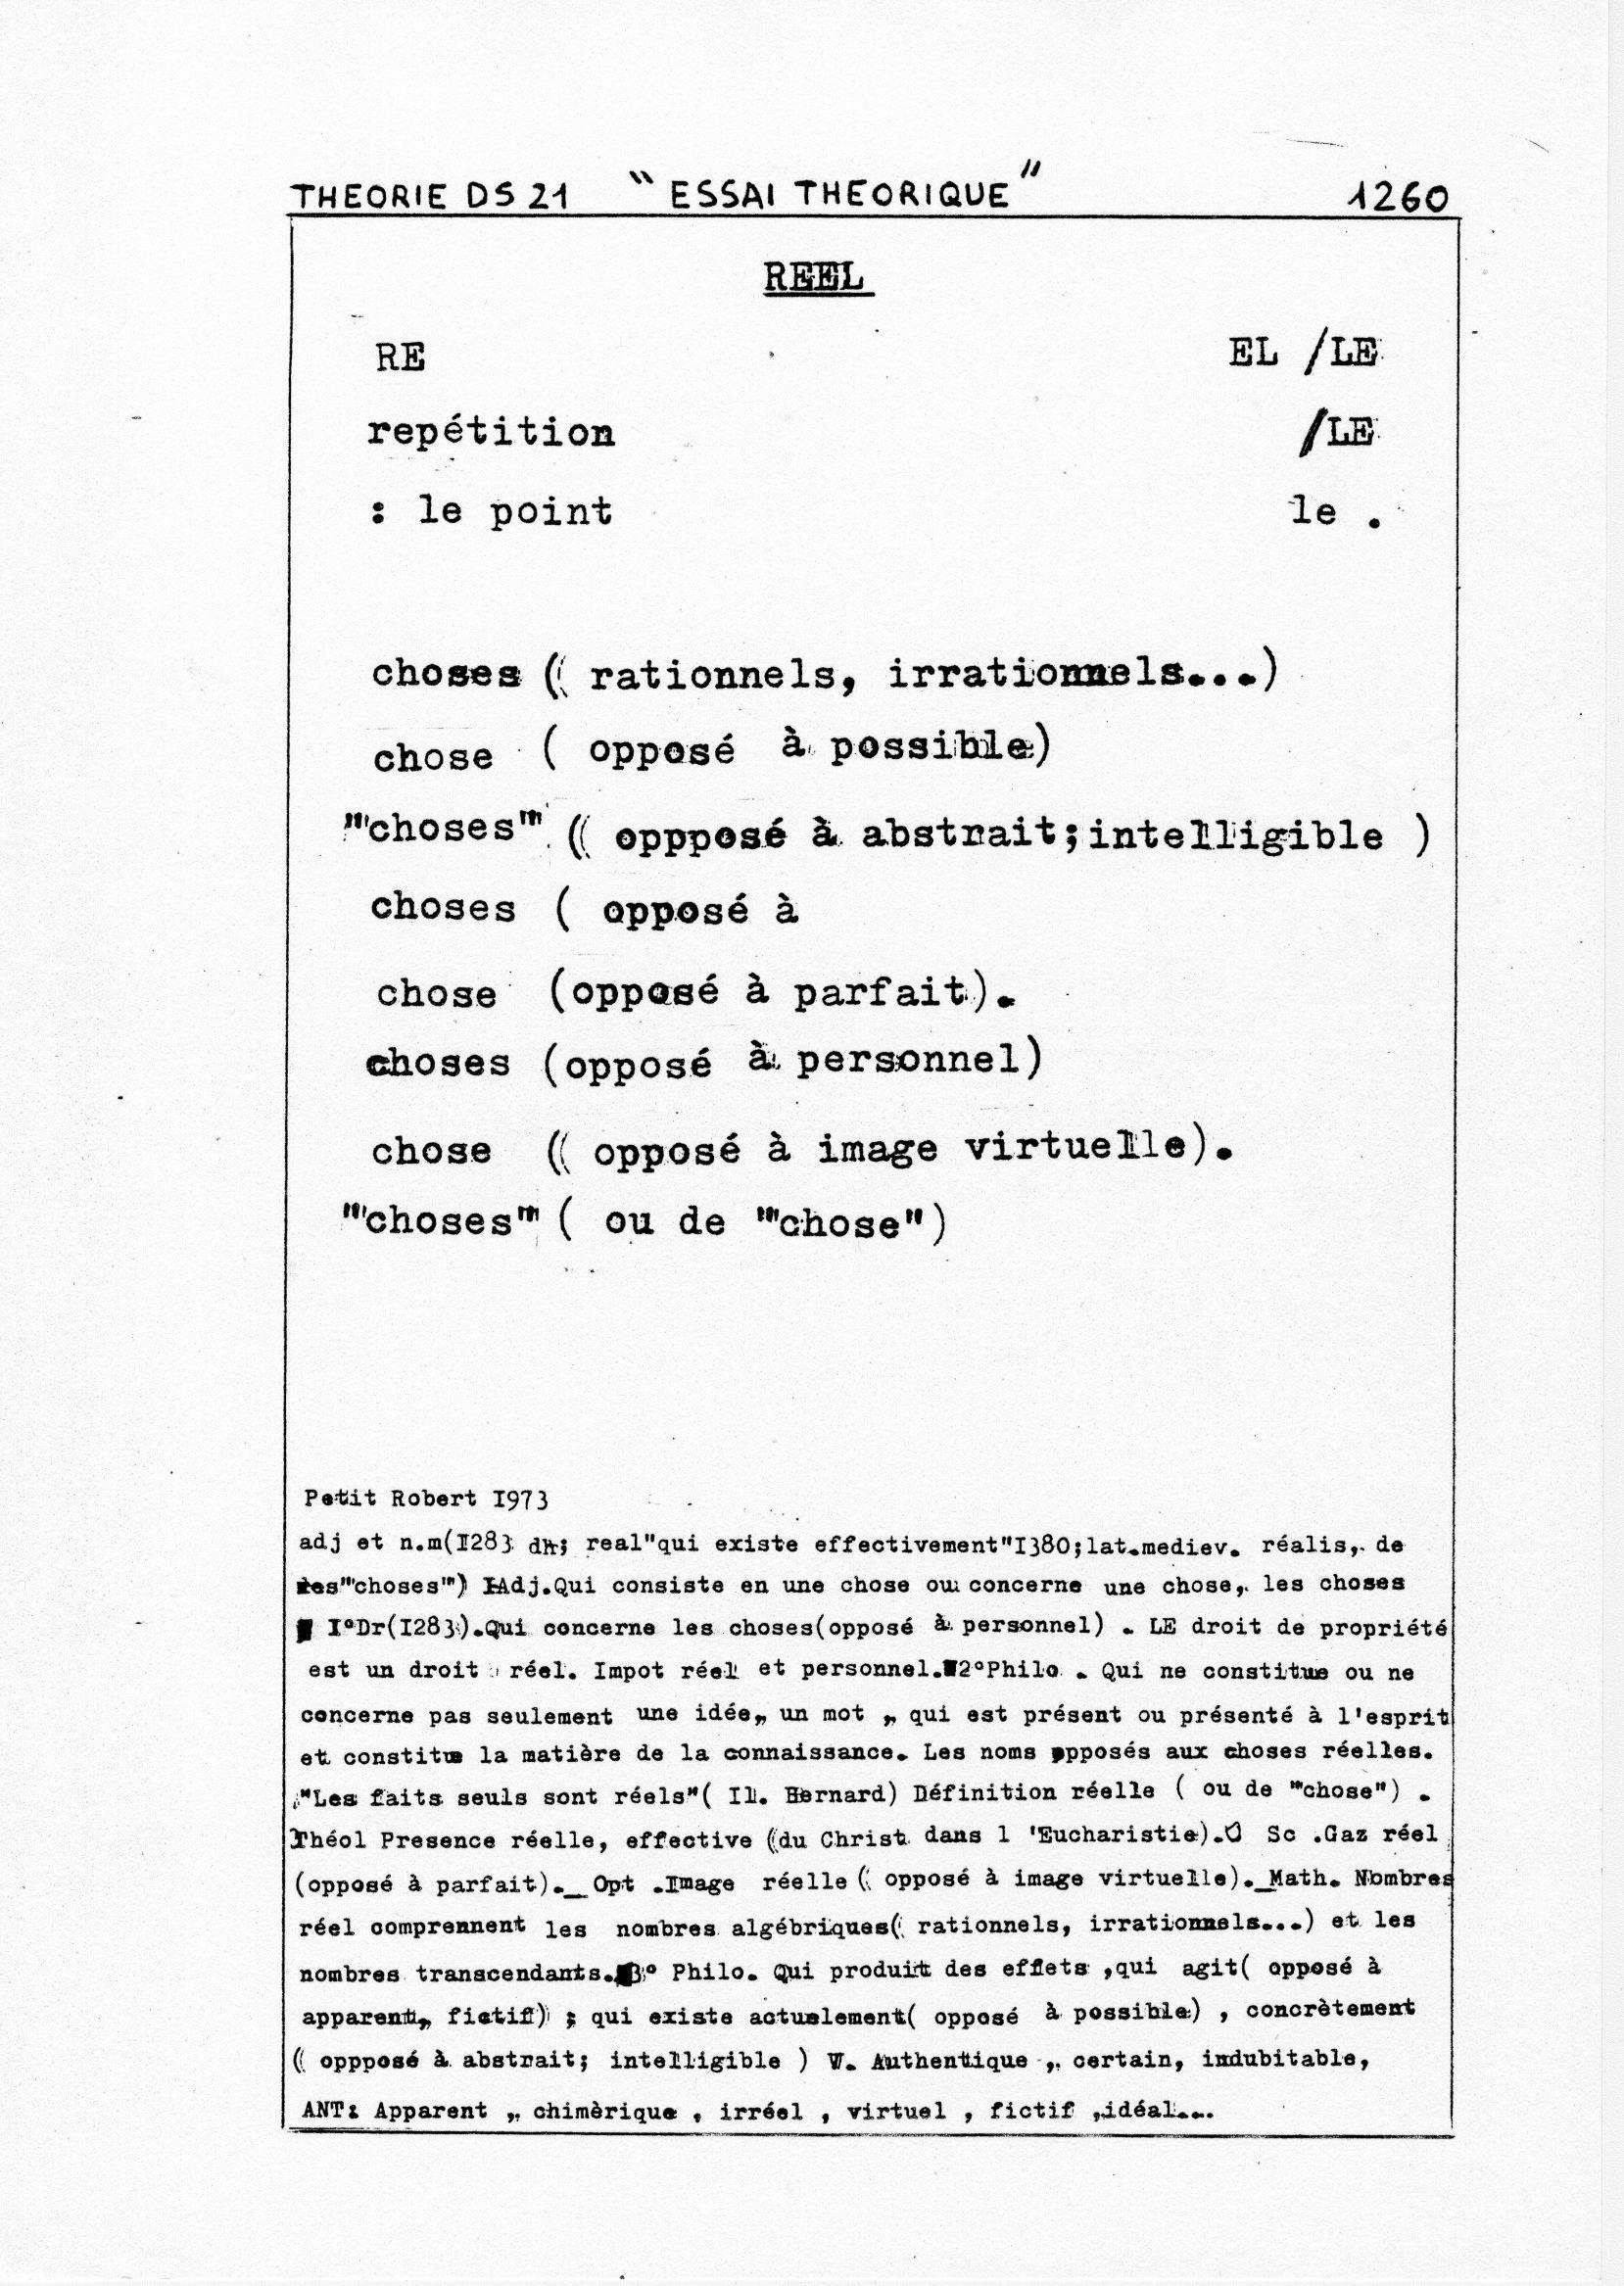 page 1260 Théorie D.S. 21 ESSAI THEORIQUE